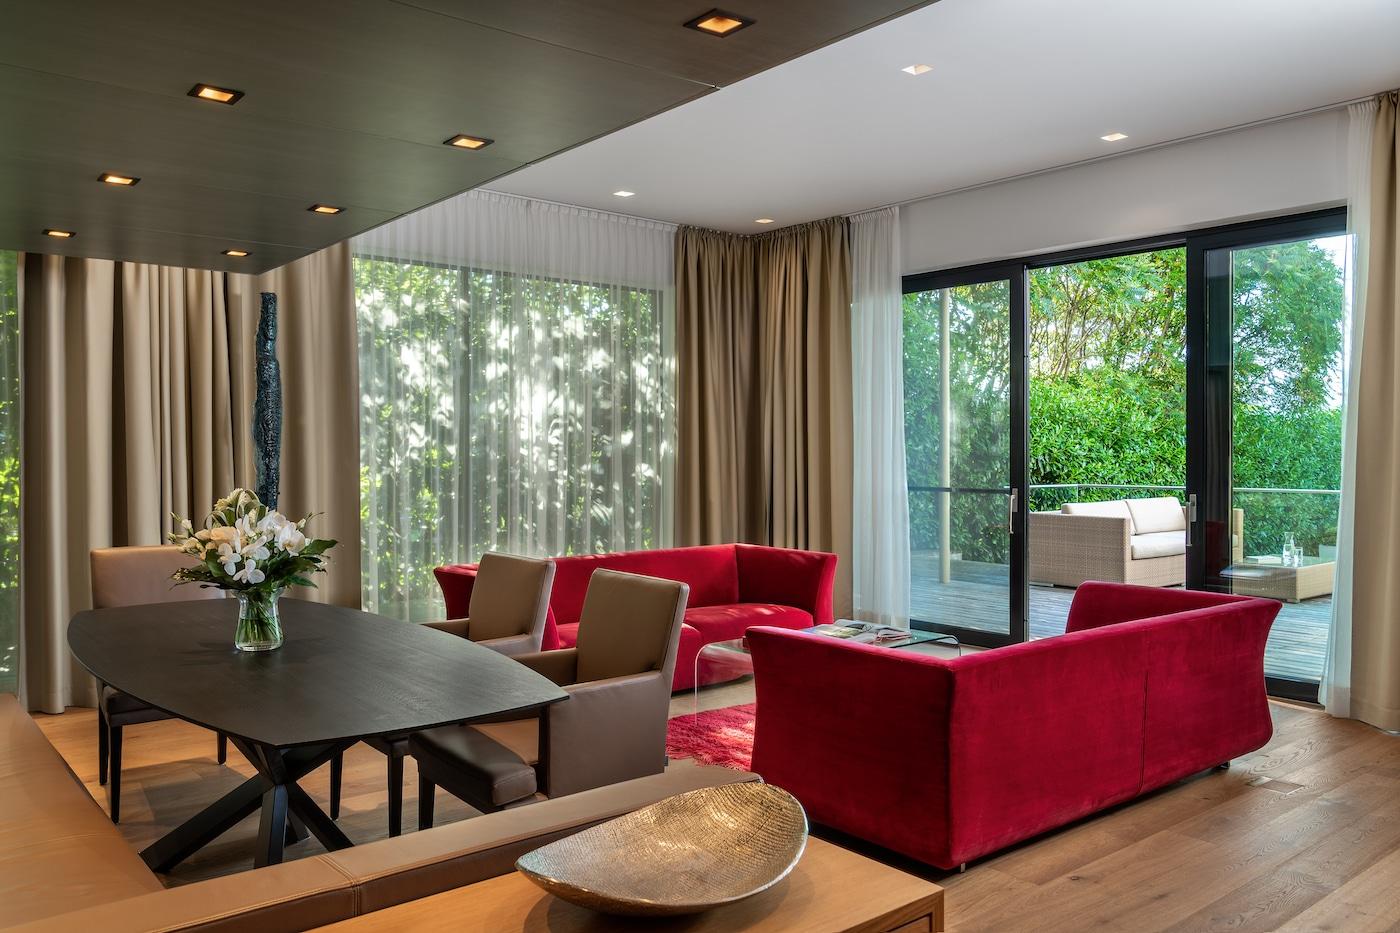 living-room with dining table at Villa VIVAMAYR Maria Wörth